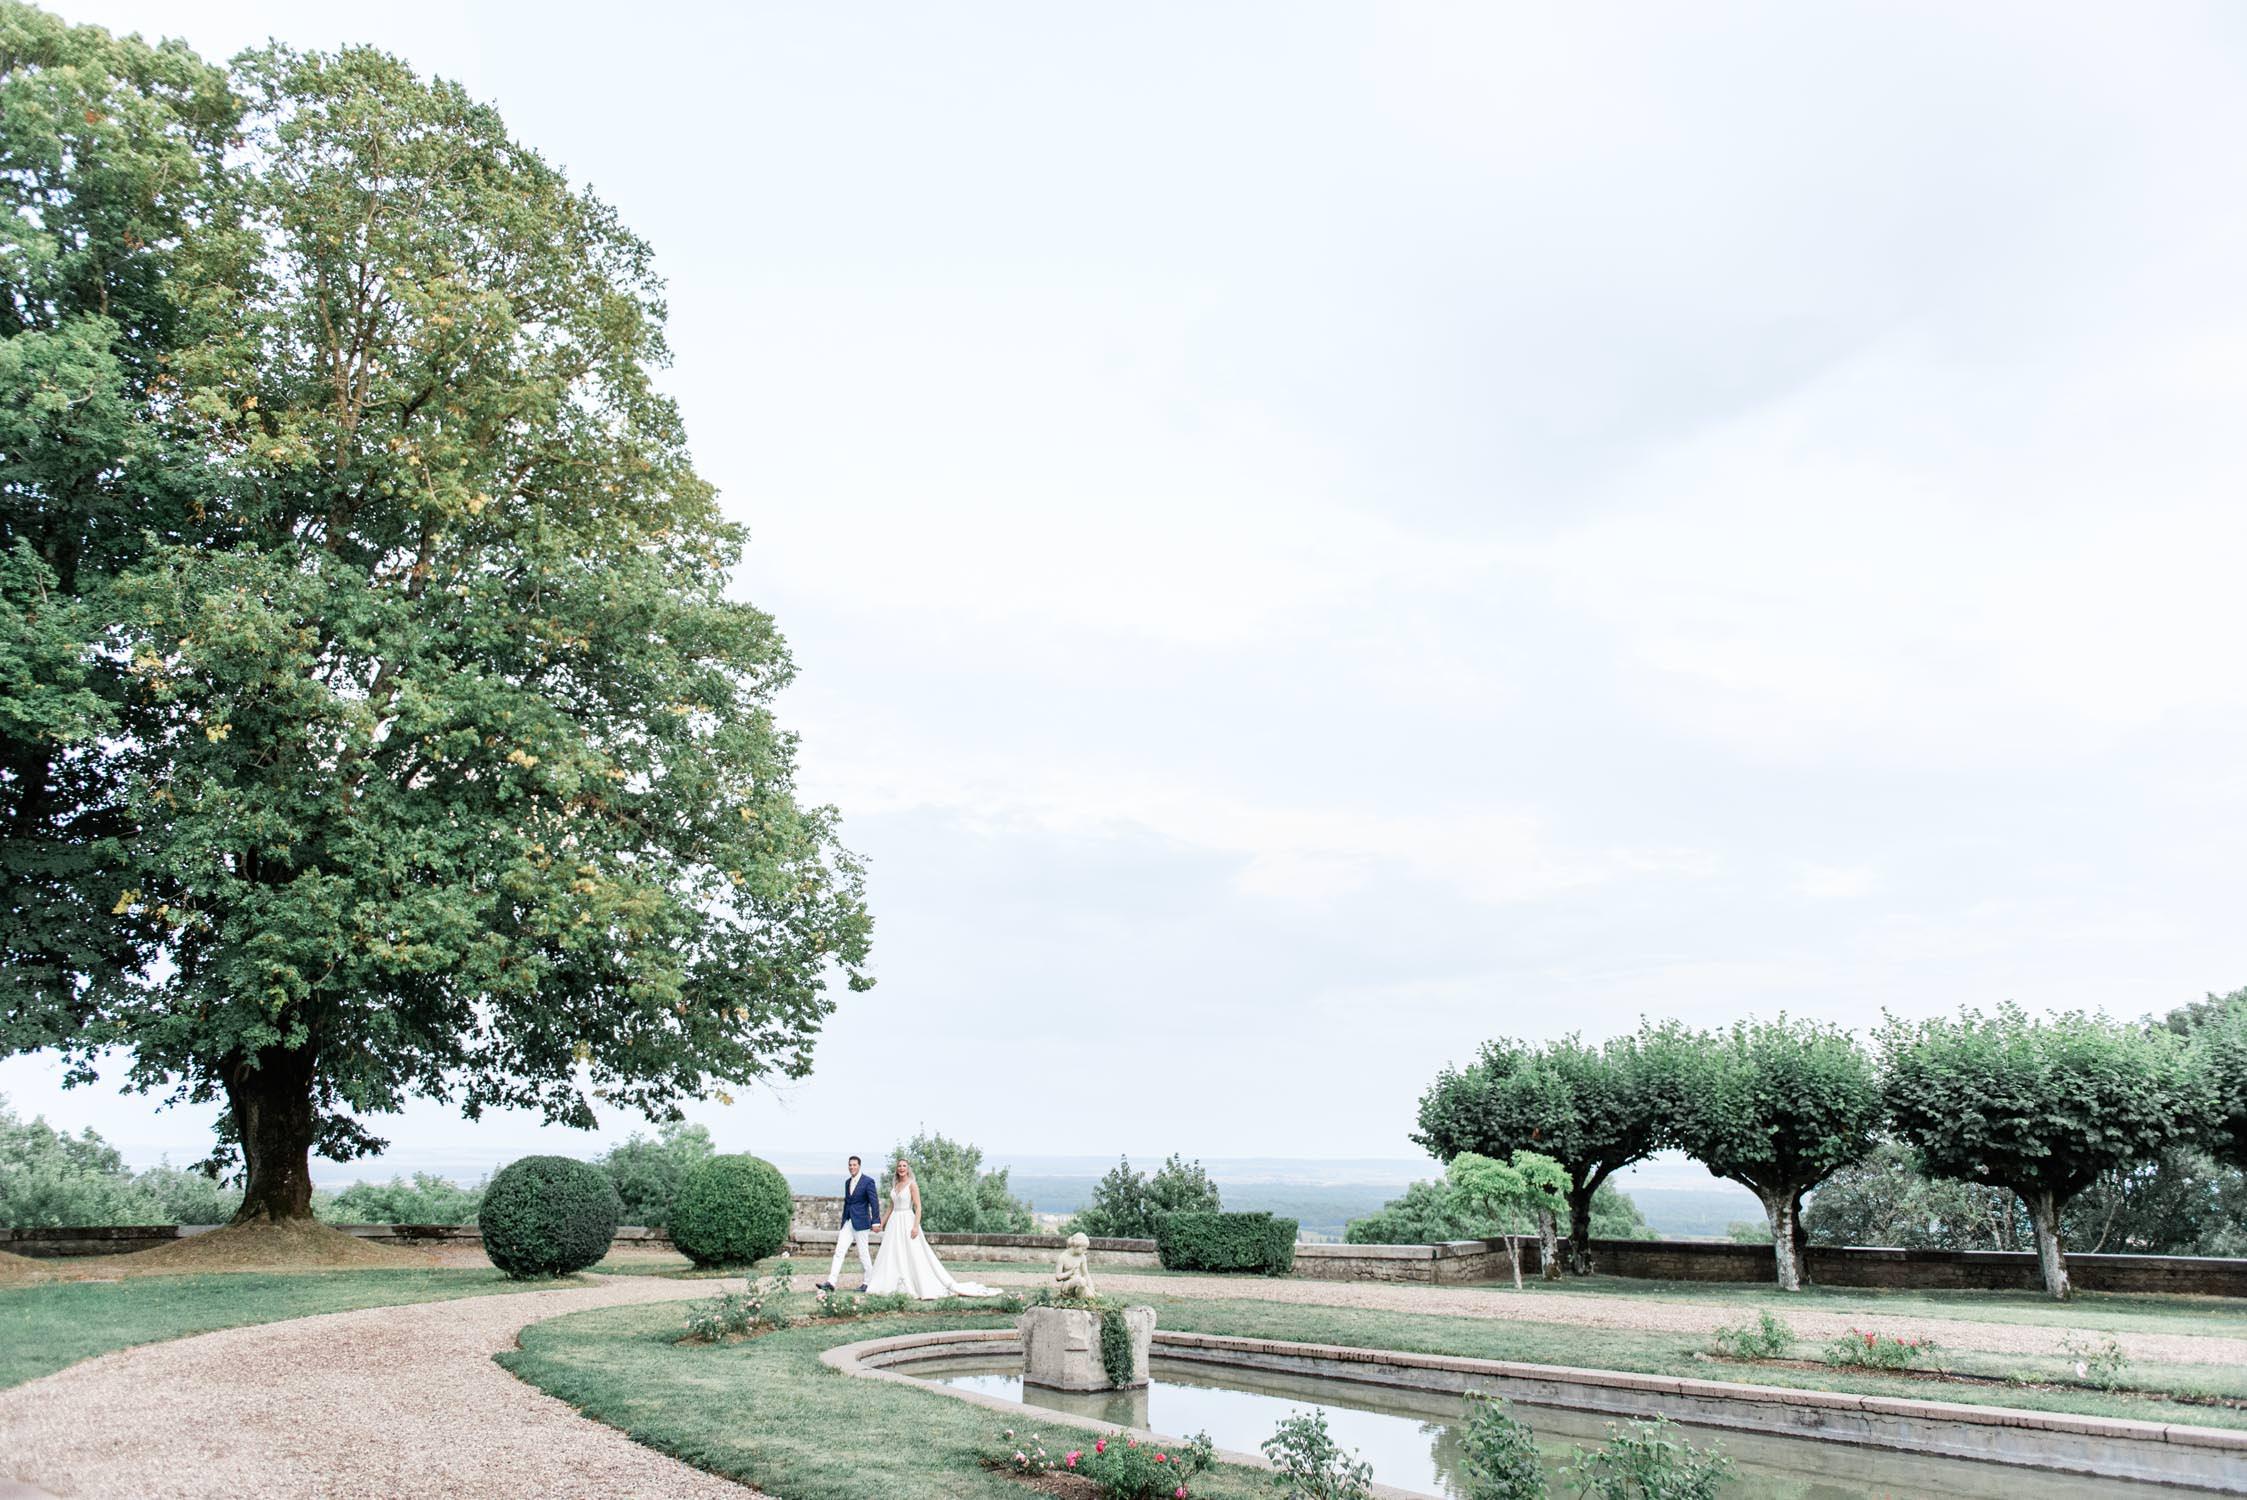 Een bruidspaar dat bij een uitkijk over de Lorraine valley rondloopt